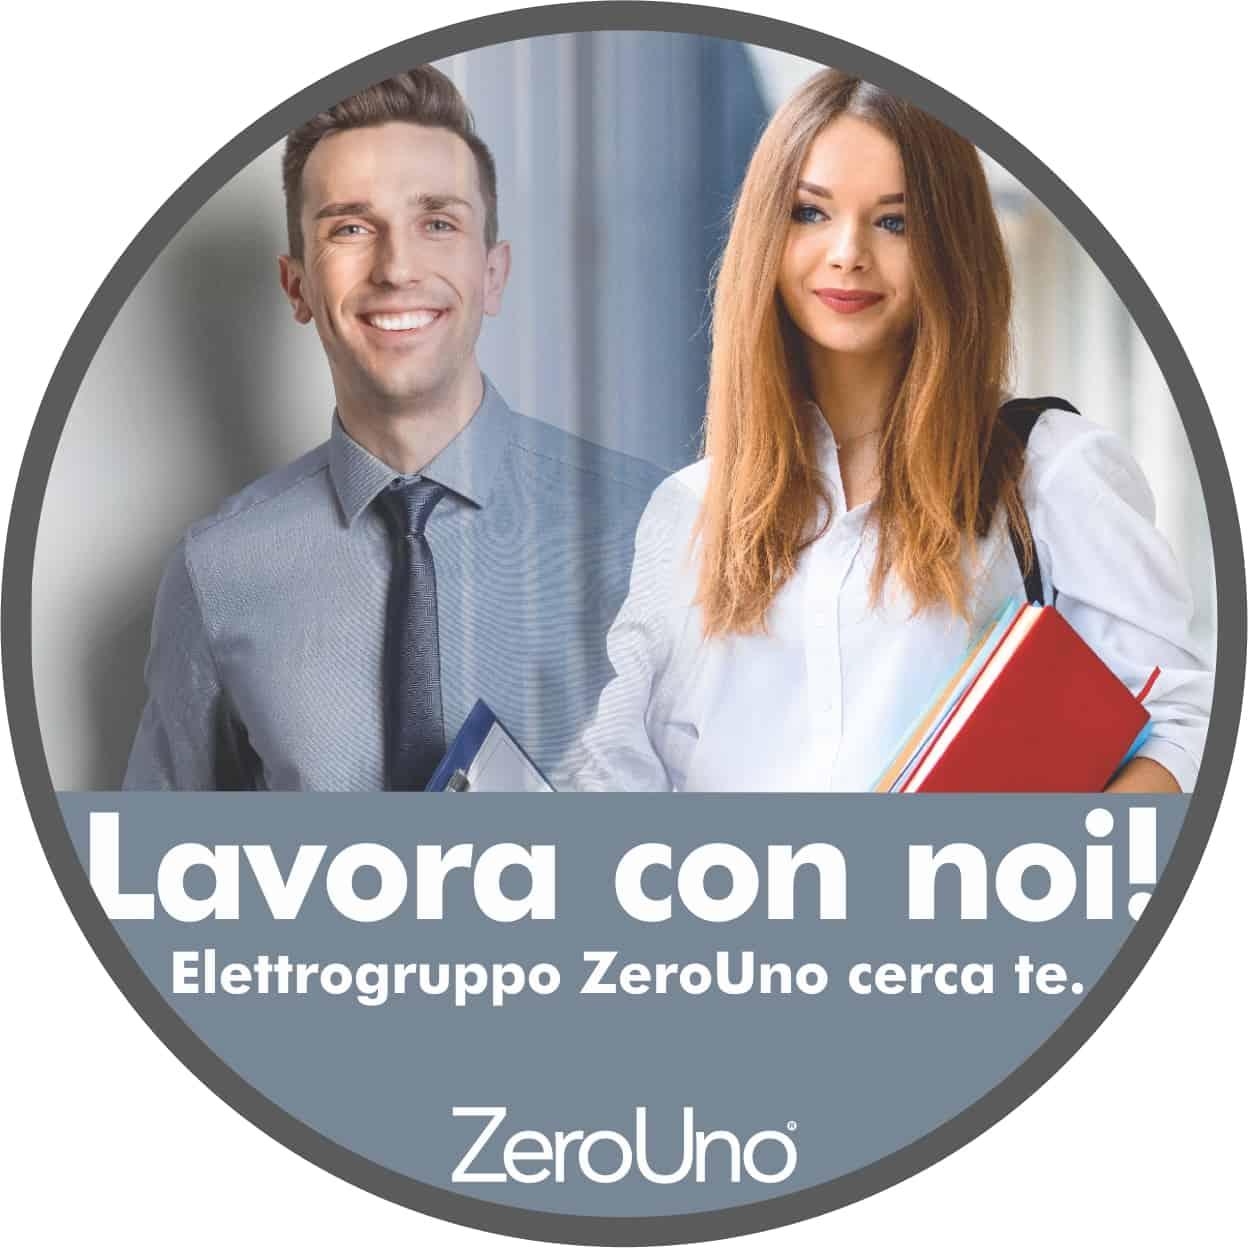 Lavora con Elettrogruppo ZeroUno   Elettrogruppo ZeroUno    Beinasco TO   elettrogruppo zerouno cerca agenti di vendita